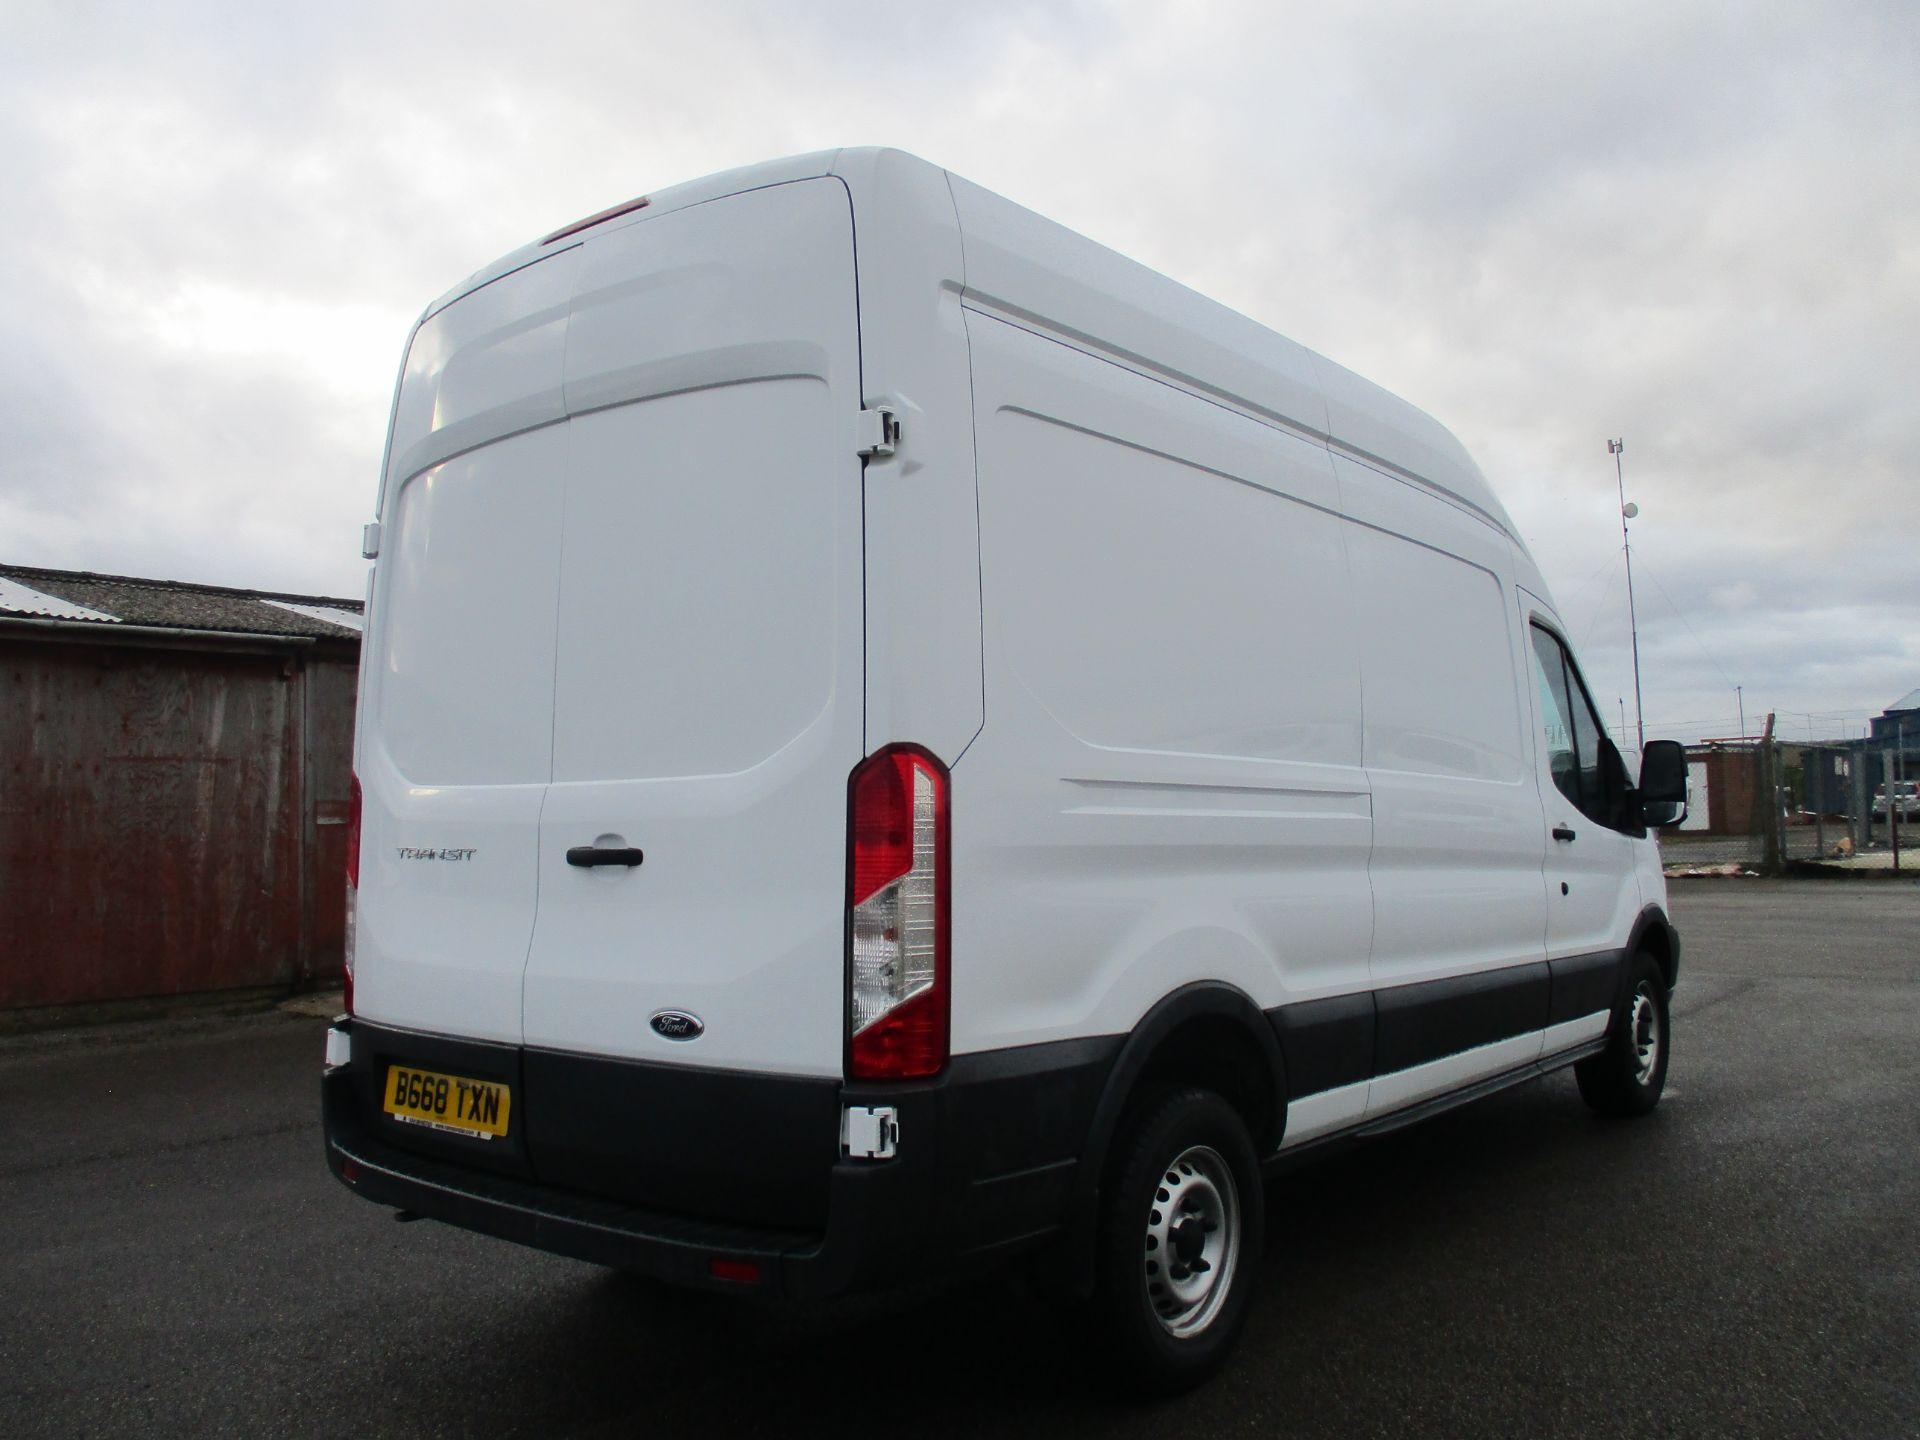 2018 Ford Transit 350 L3 H3 VAN 130PS EURO 6 (BG68TXN) Image 5